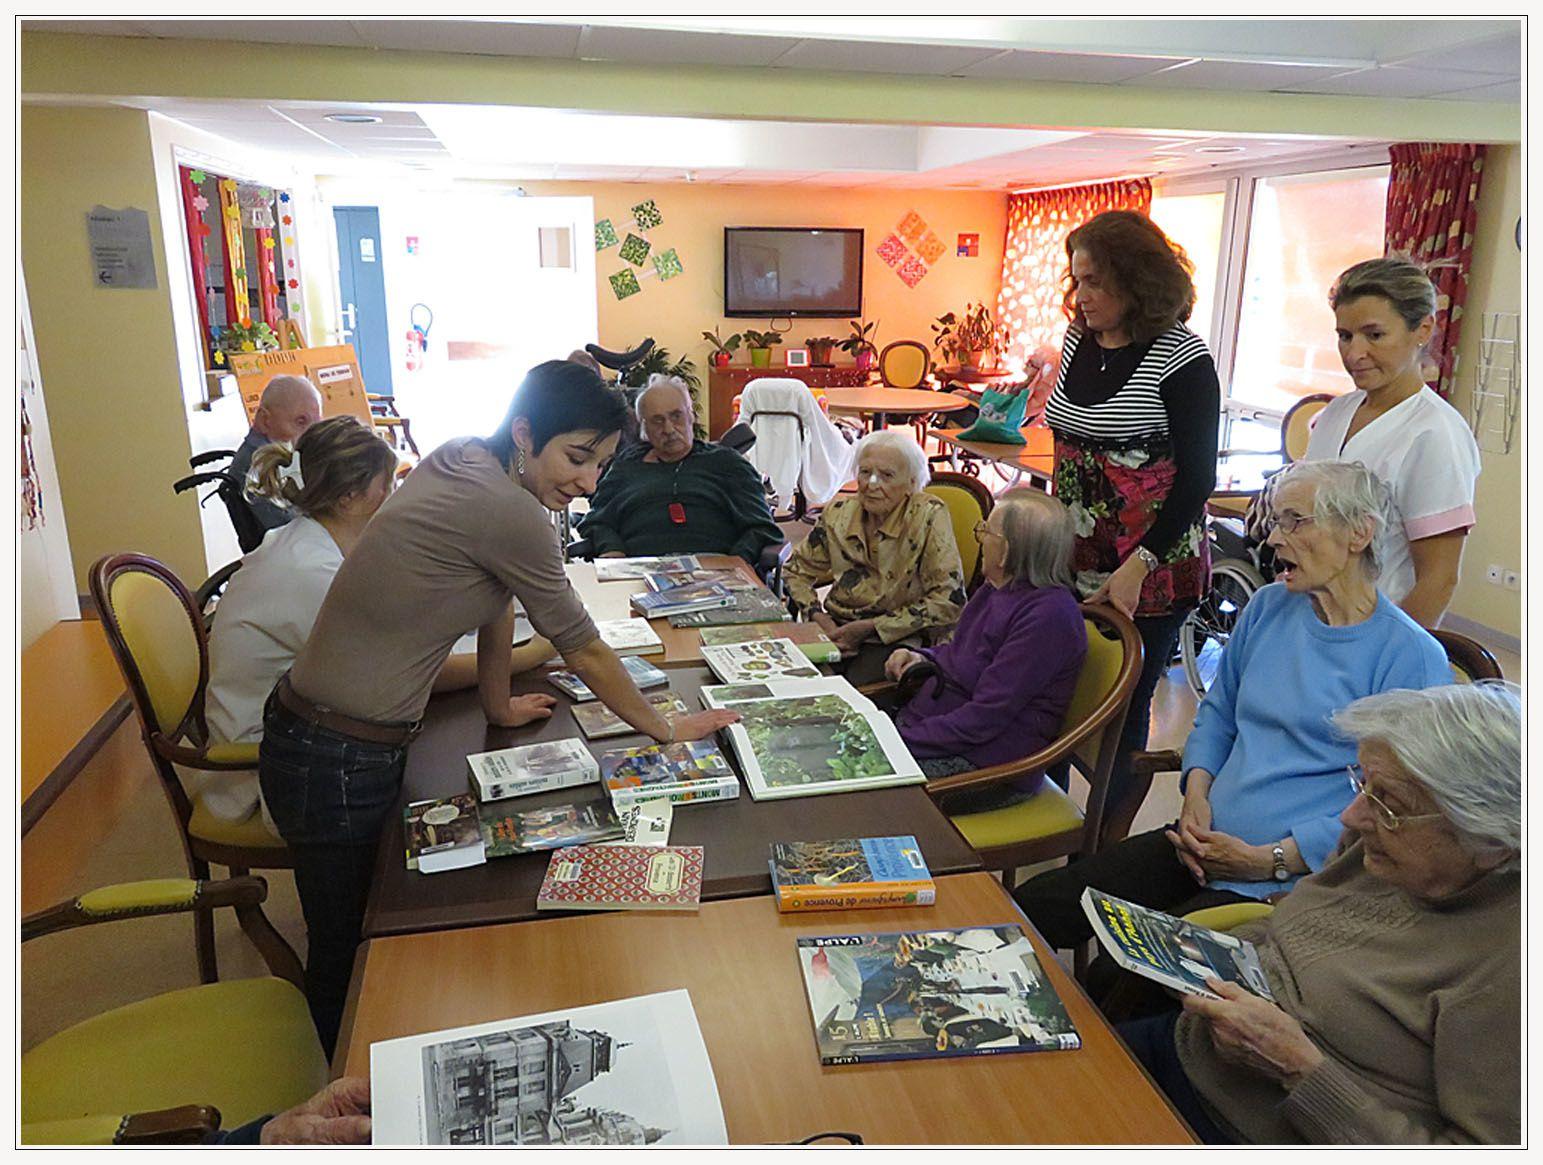 """Dans le cadre des """"Rendez-vous autour des livres"""", Florence Rigaud a présenté des ouvrages de la médiathèque aux résidents de la maison de retraite Les Carlines."""